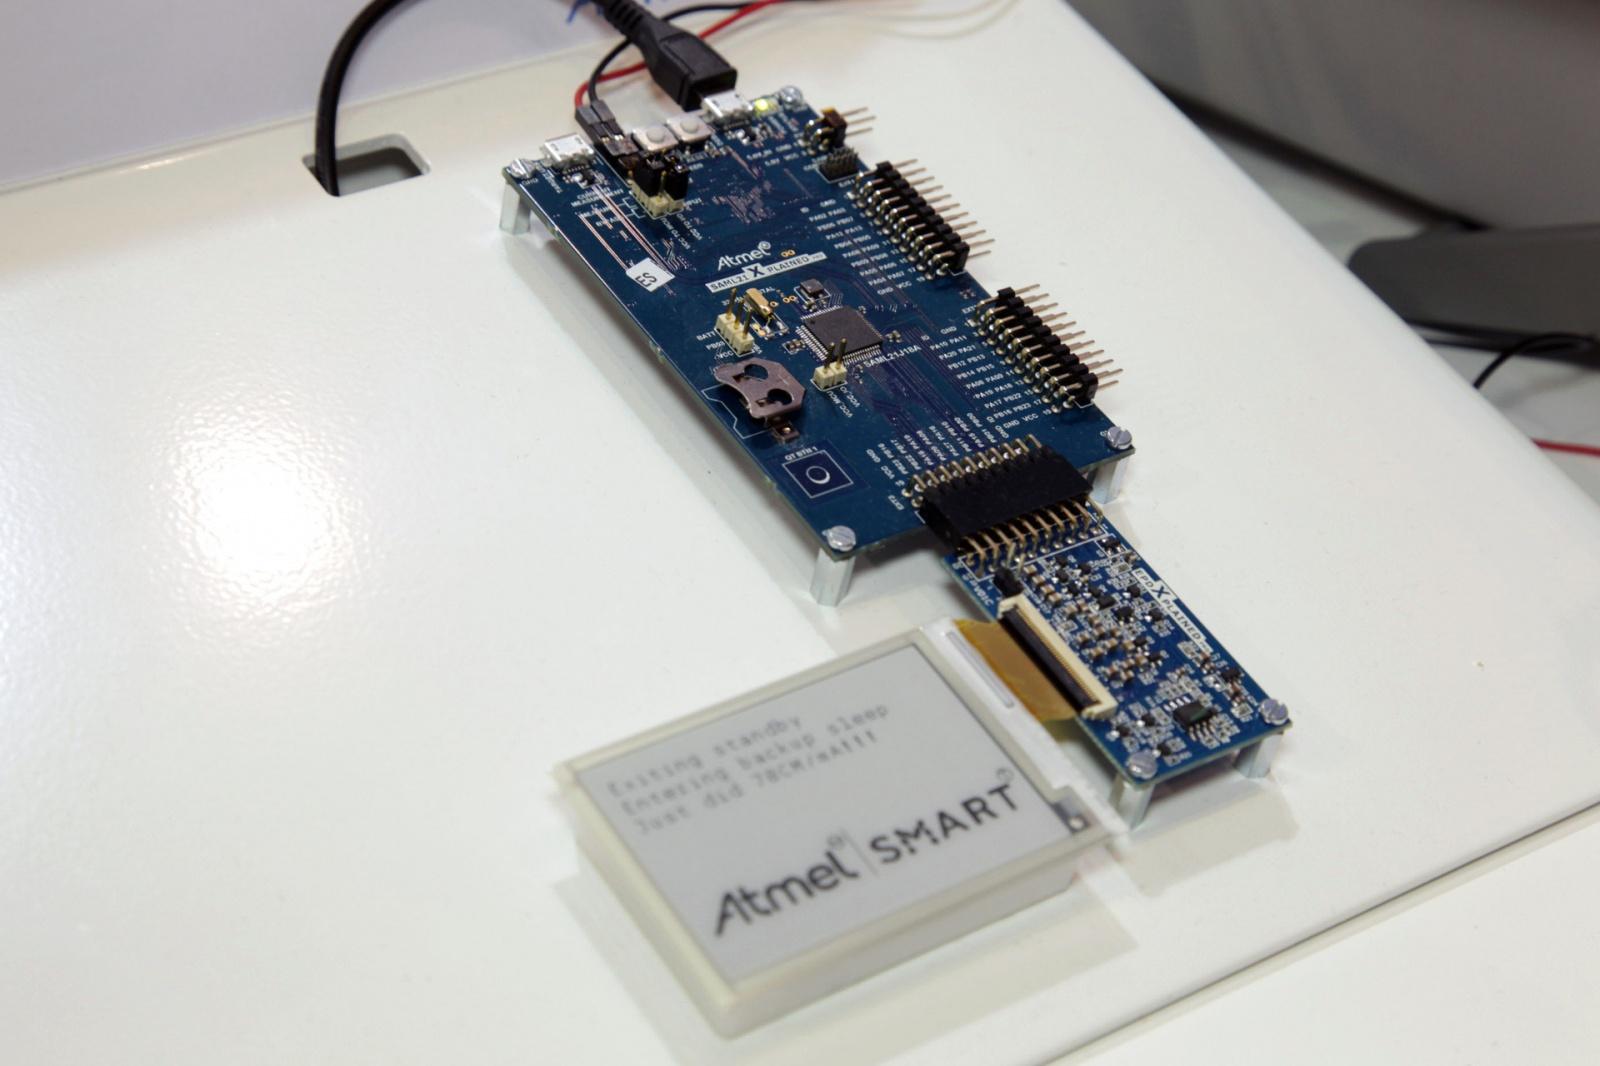 Новый чип от Atmel может работать от одной зарядки «десятилетиями» - 1